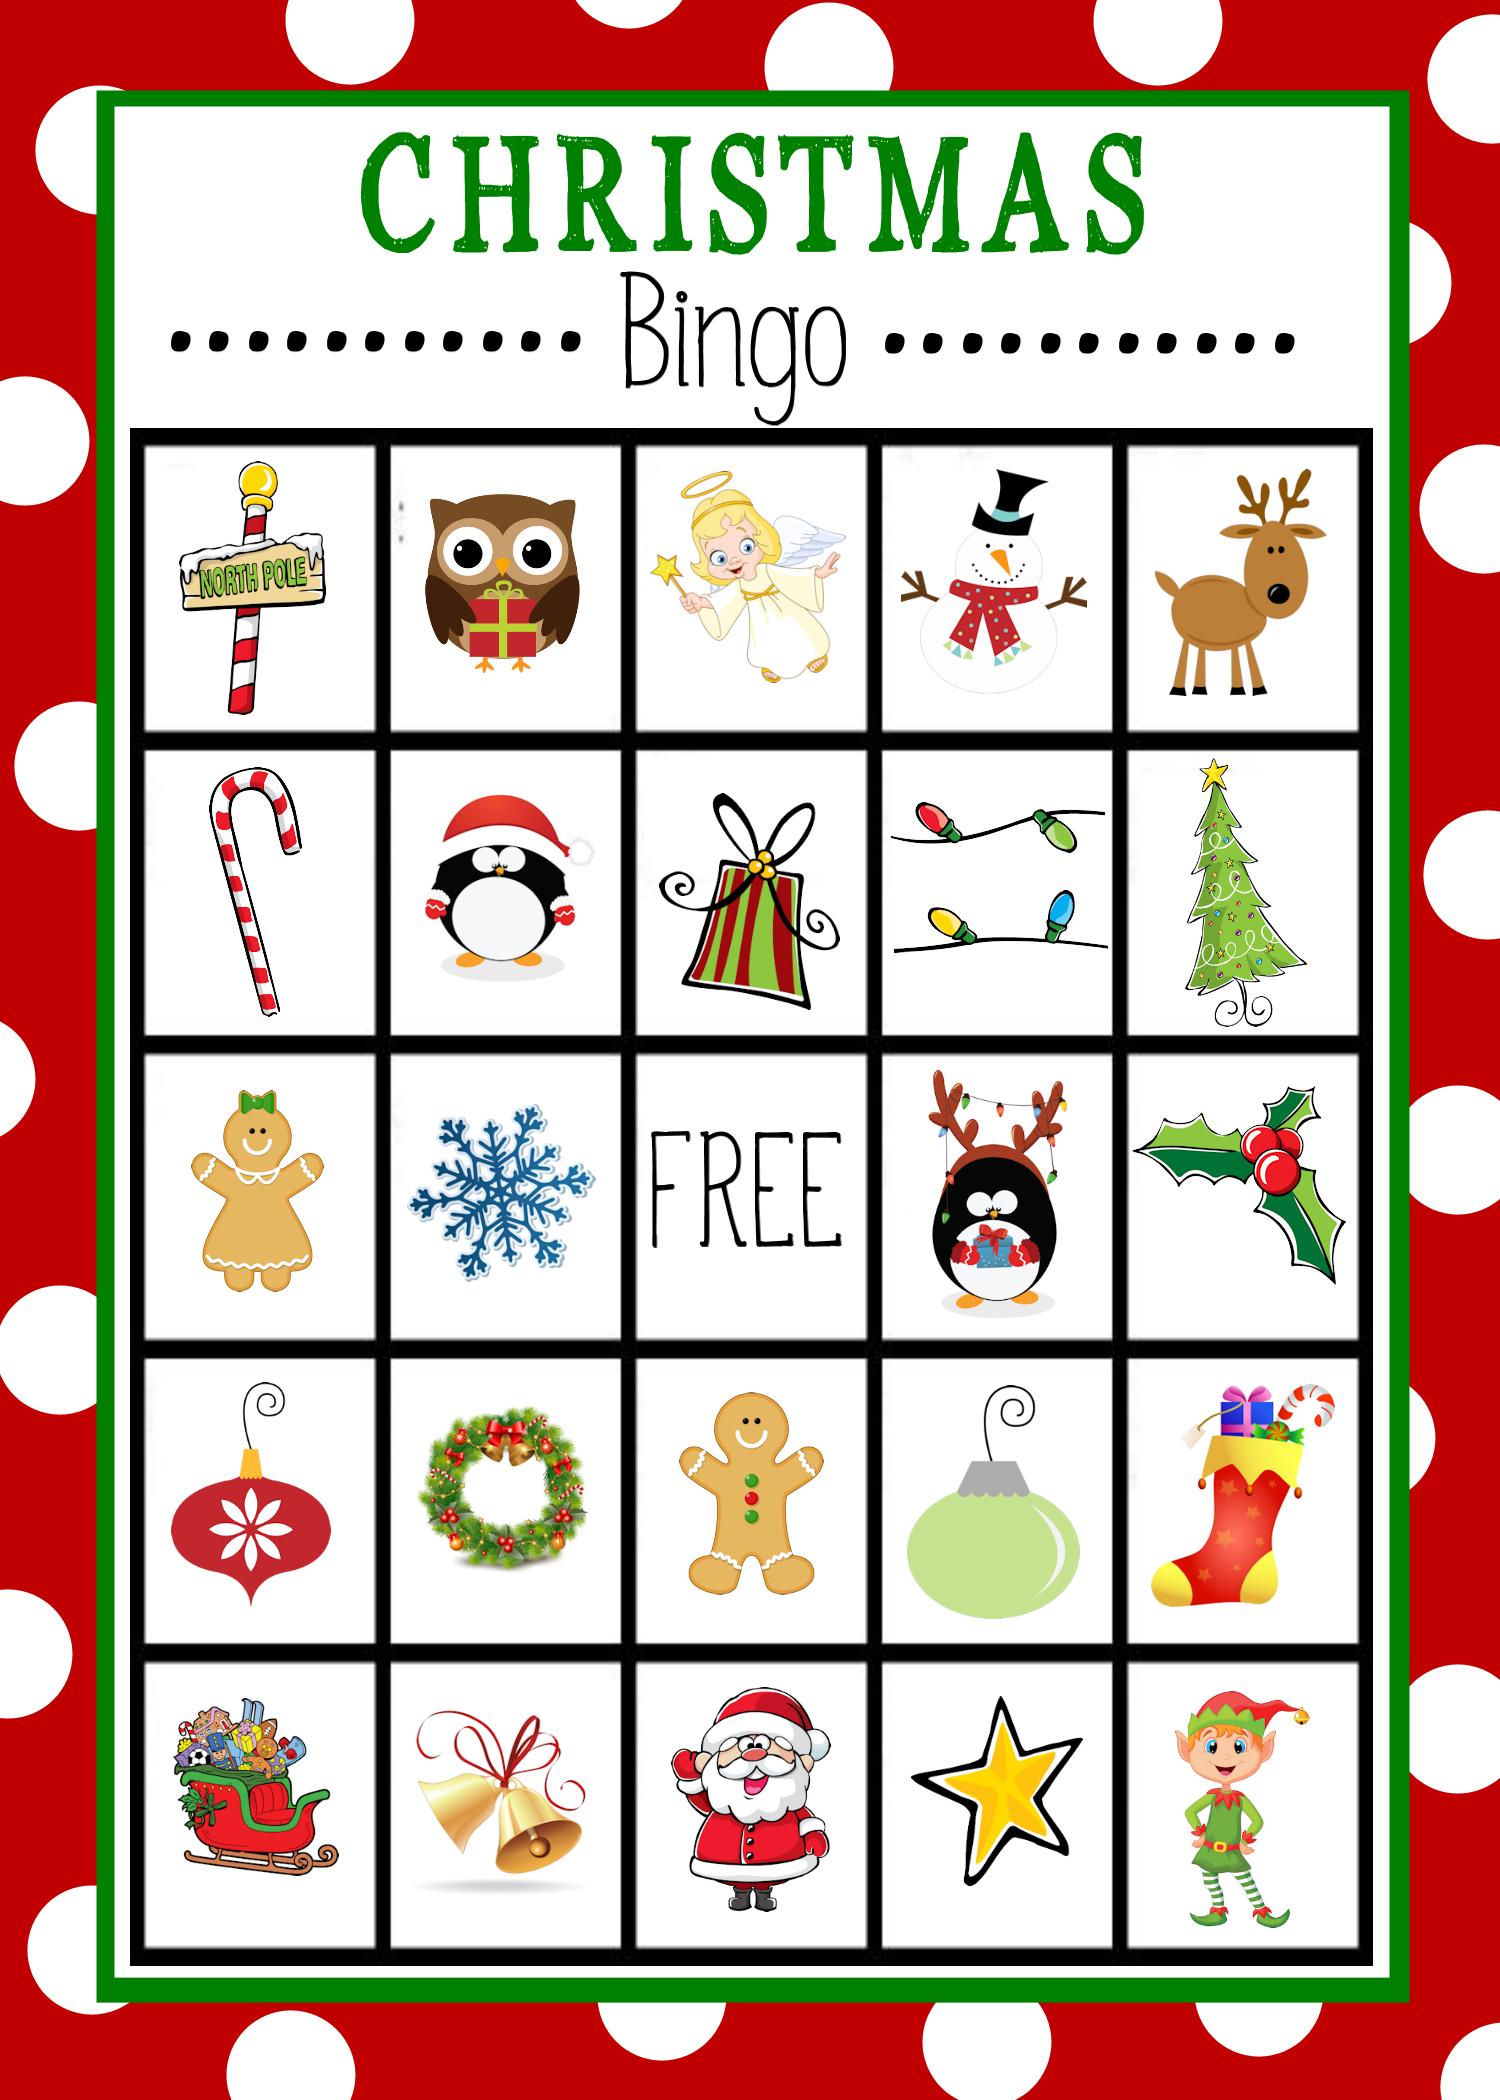 Free Printable Christmas Bingo Game   Christmas   Pinterest - Free Printable Christmas Bingo Cards